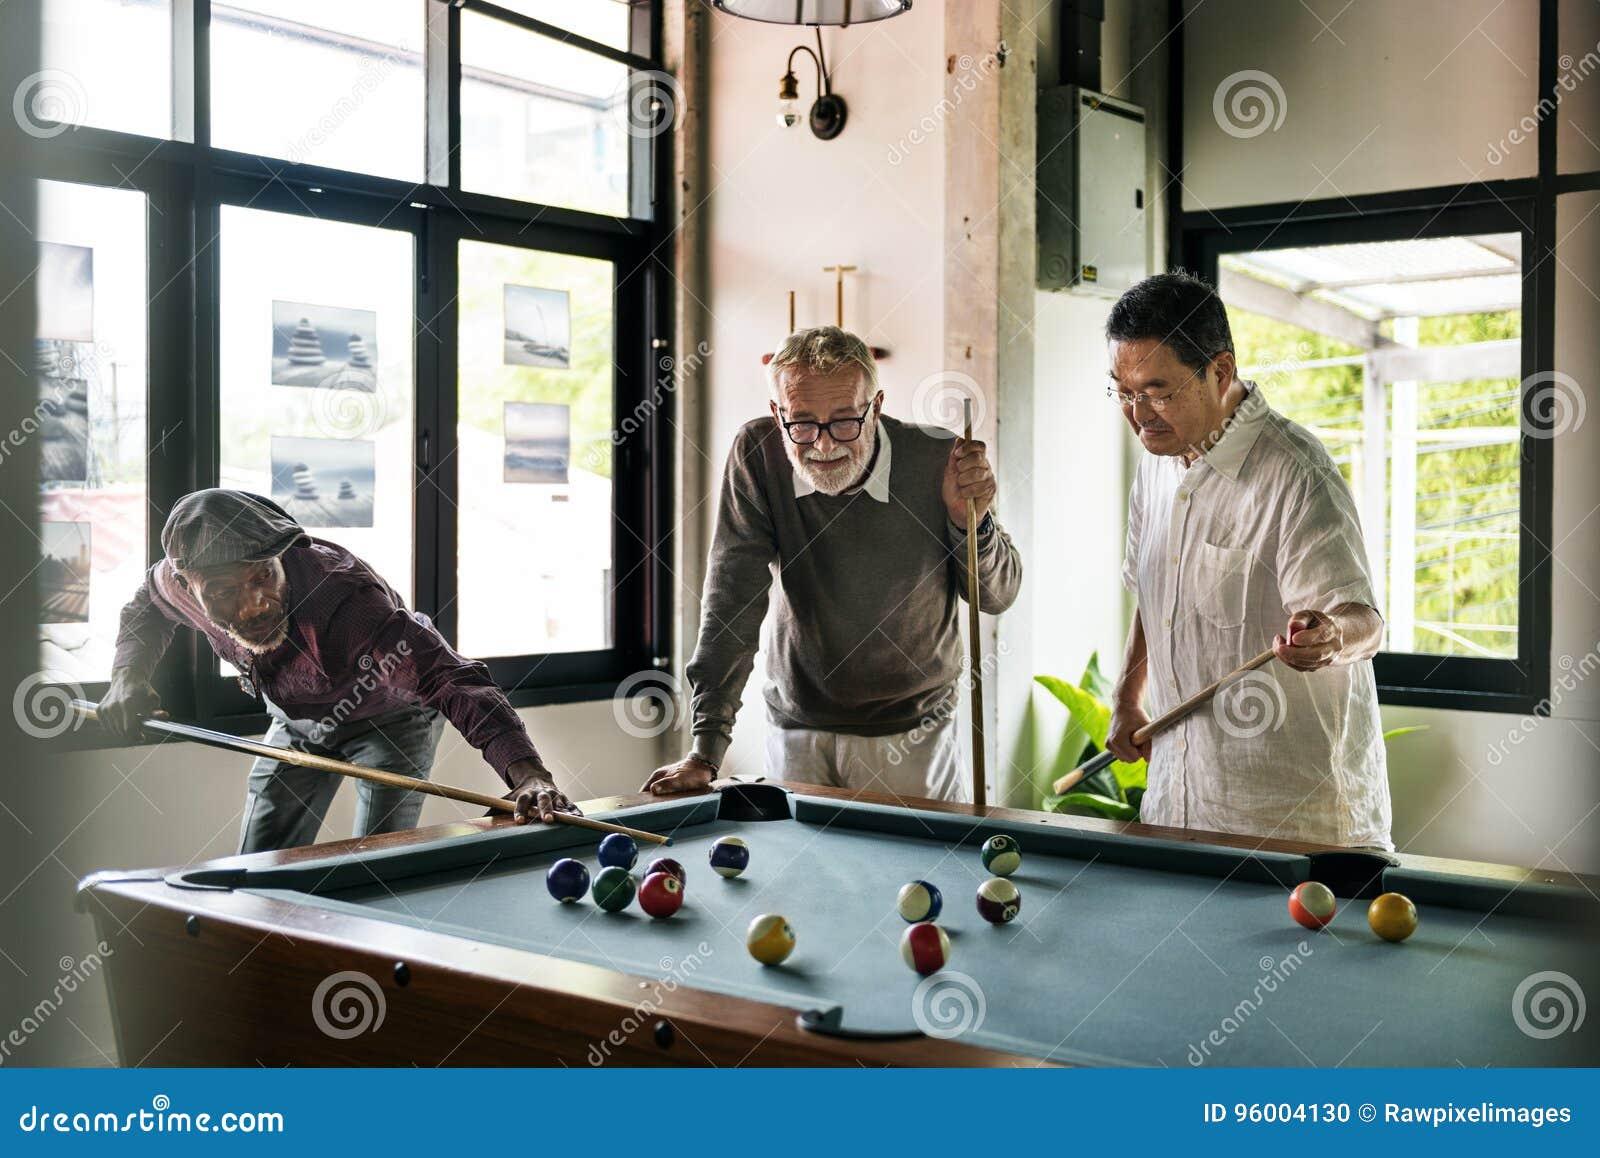 Πυροβοληθείσα έννοια παιχνιδιών ομάδας ελεύθερου χρόνου λεσχών σφαιρών μπιλιάρδου αθλητισμός